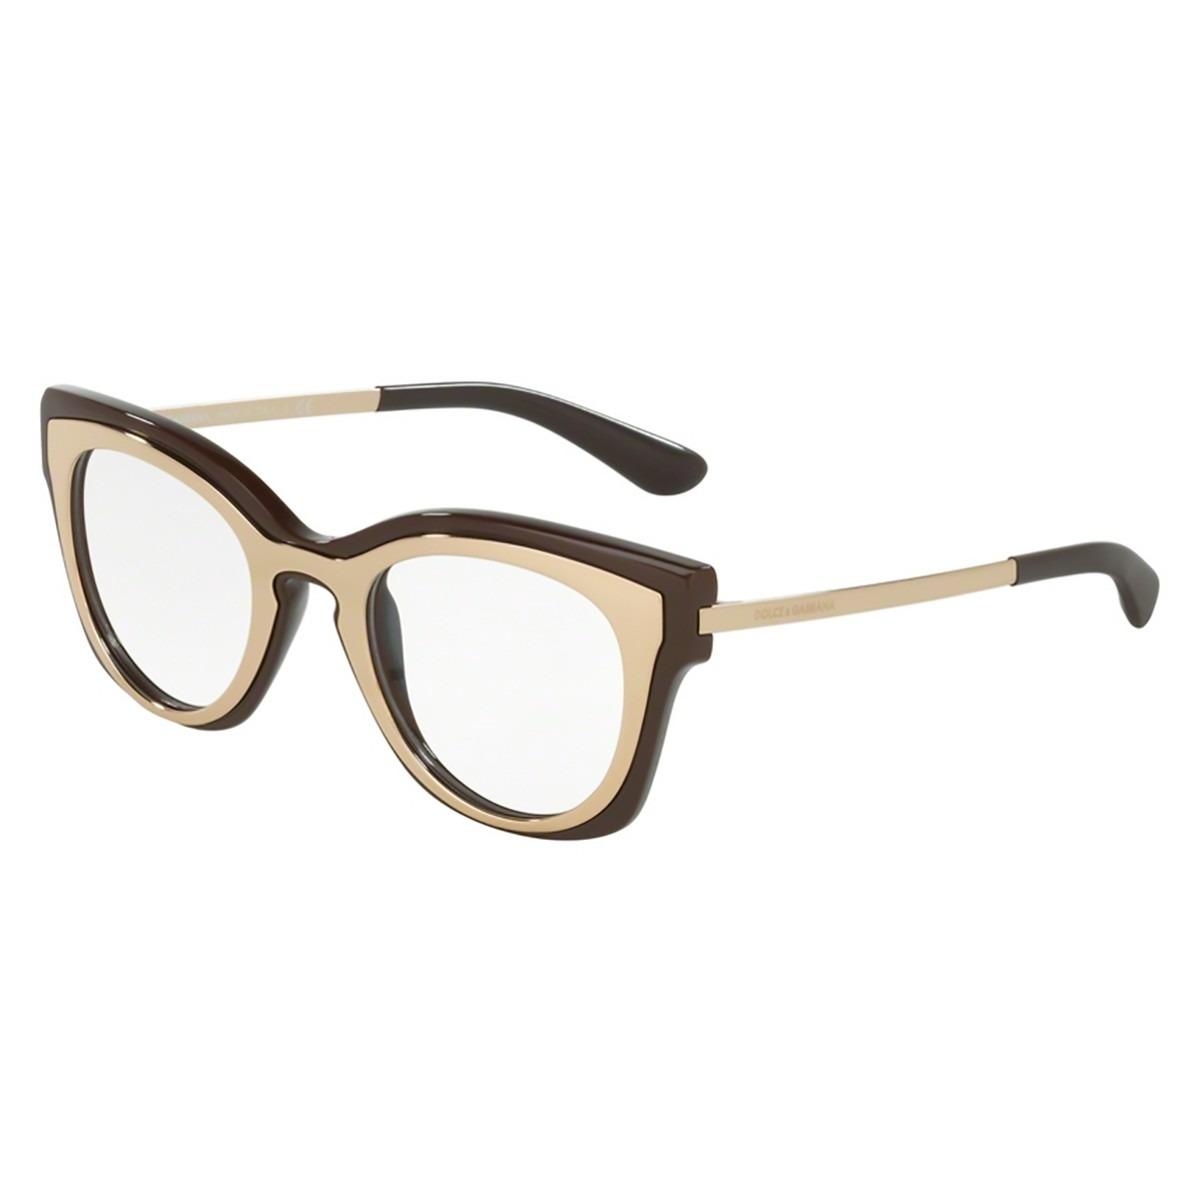 3f59a0b2df051 Tag  Oculos De Grau Dolce Gabbana Feminino 2016